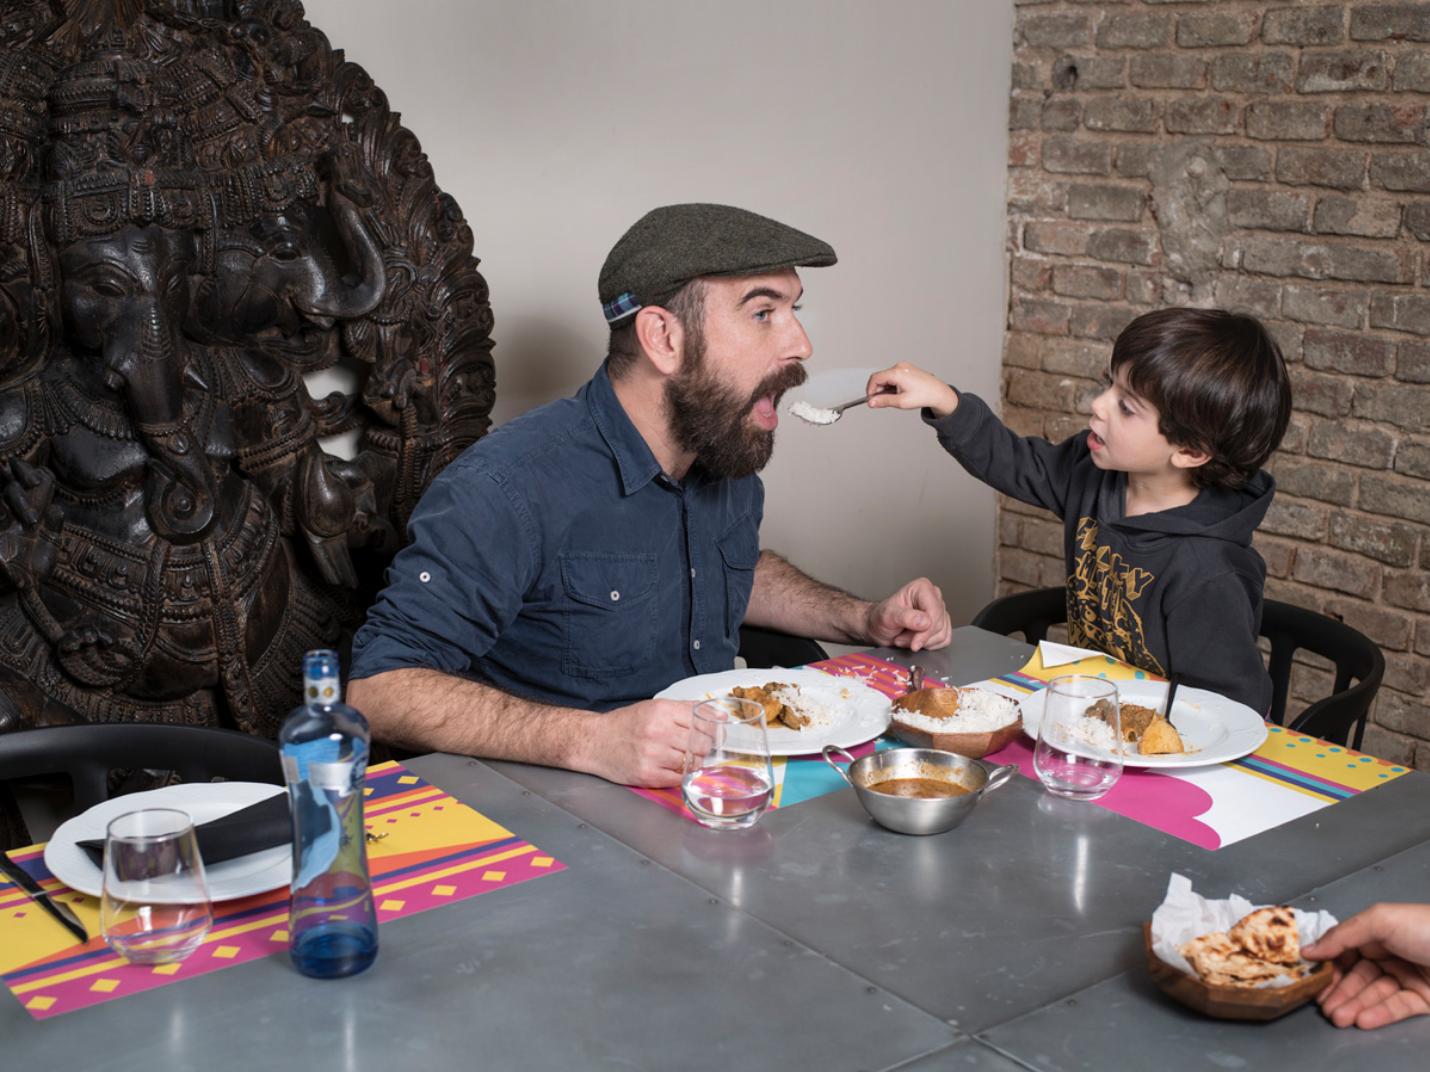 Fotógrafo cria projeto retratando pais e filhos ao redor do mundo